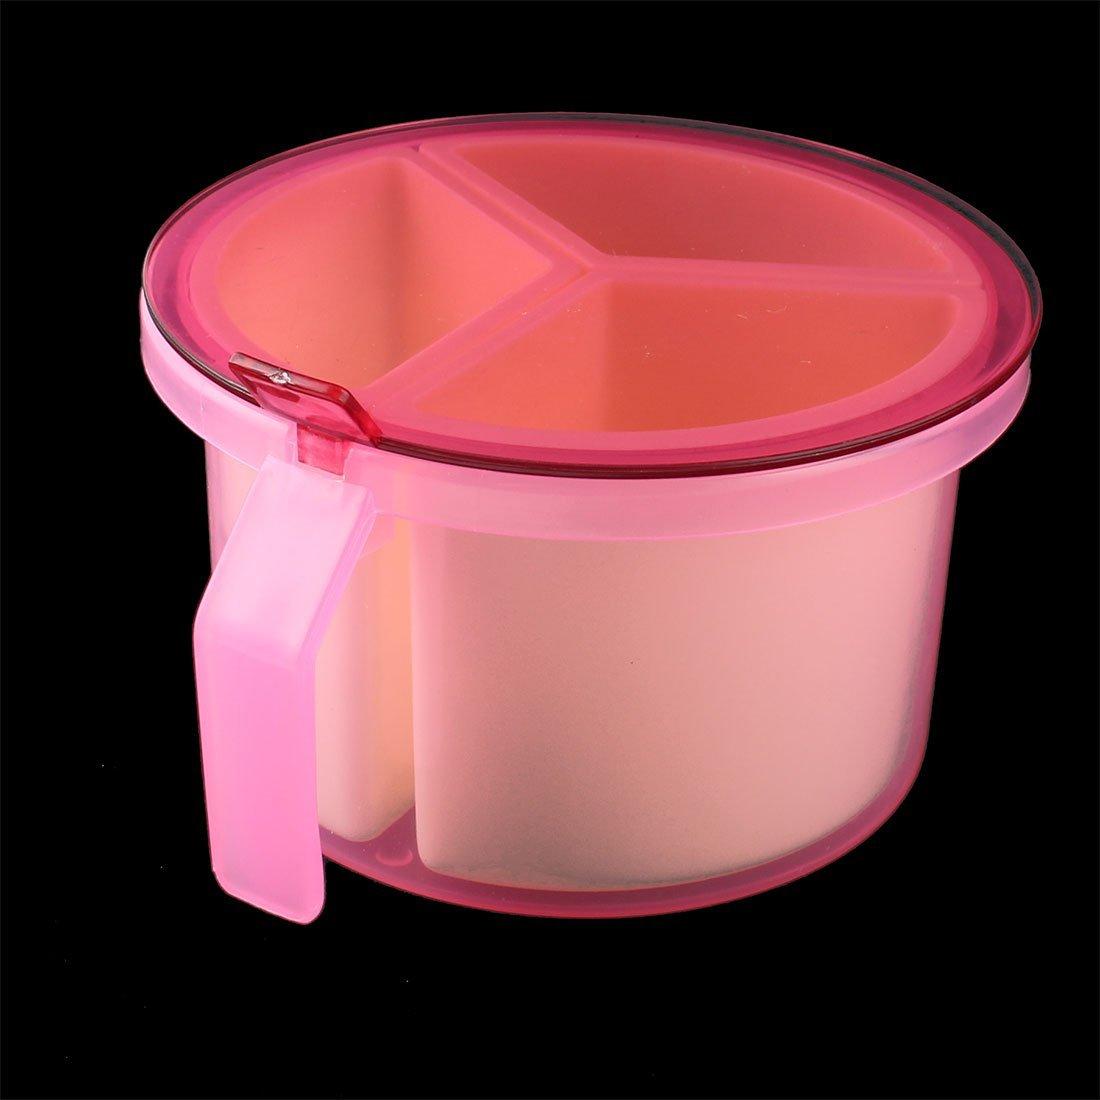 Amazon.com | eDealMax plástico Domésticos de Cocina 3 compartimientos condimento Box Contenedor Condimentos Especias Caja rosada: Condiment Pots